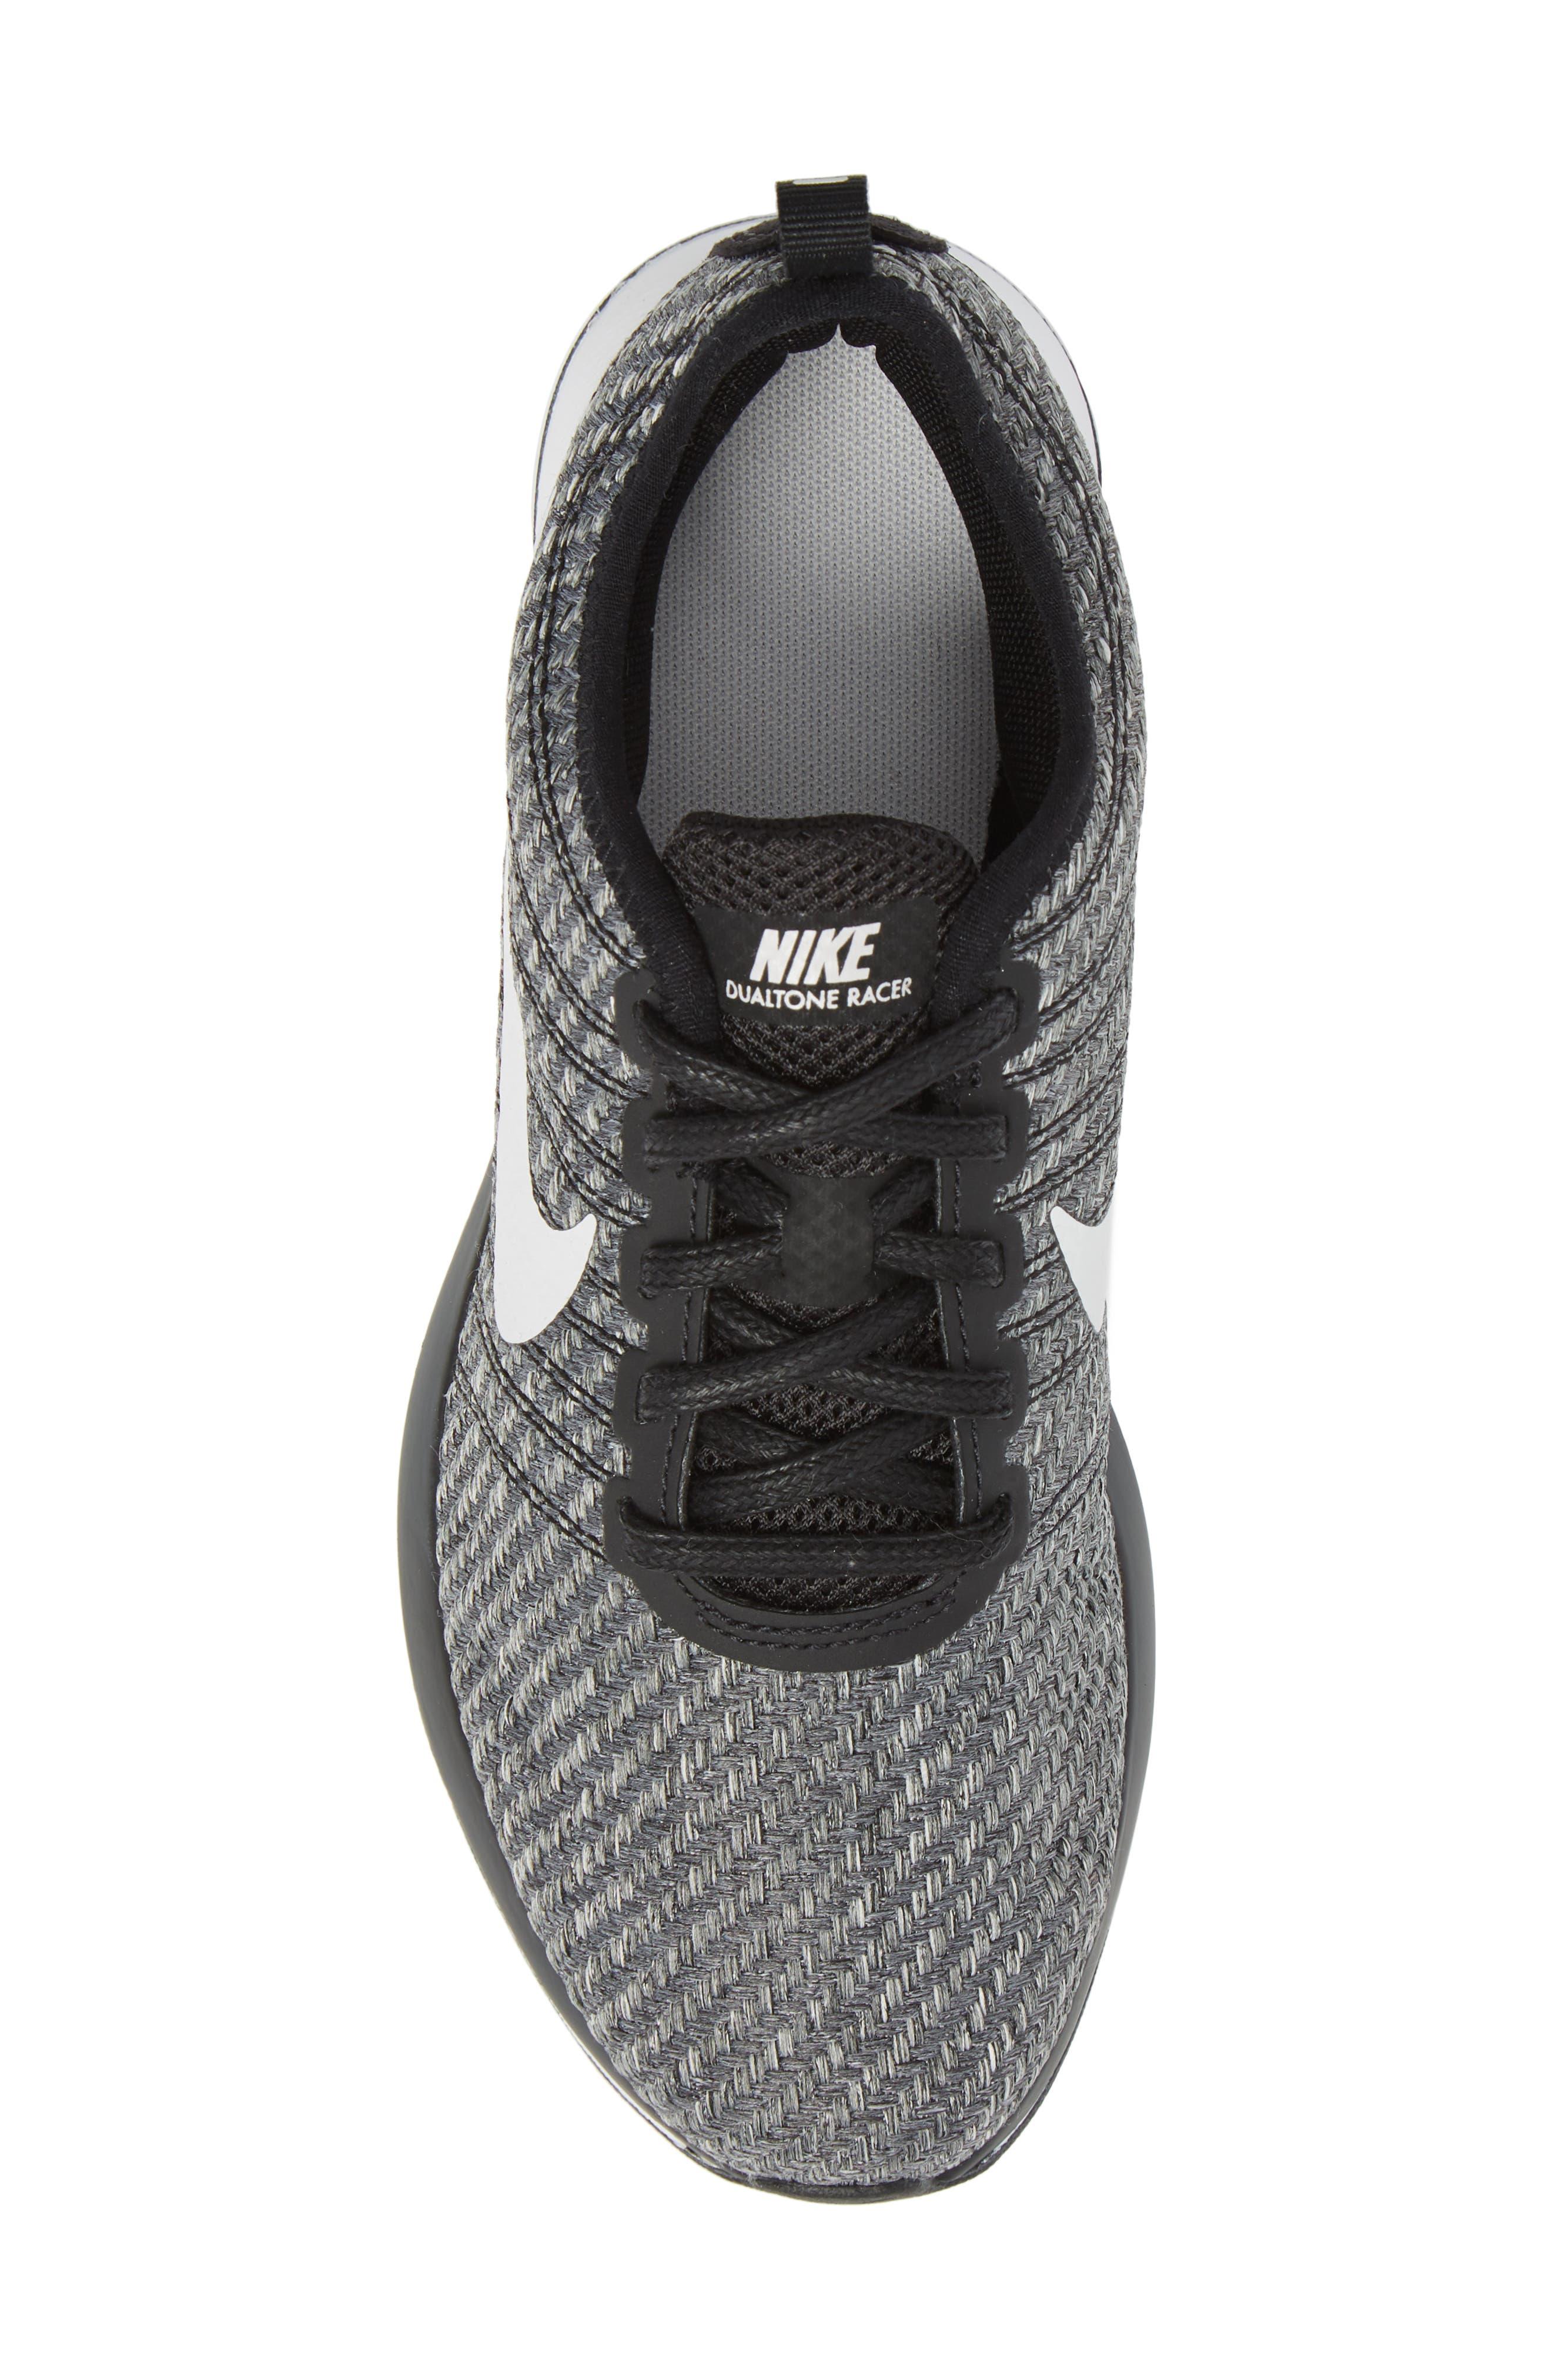 Dualtone Racer SE Sneaker,                             Alternate thumbnail 5, color,                             Black/ Vast Grey/ White